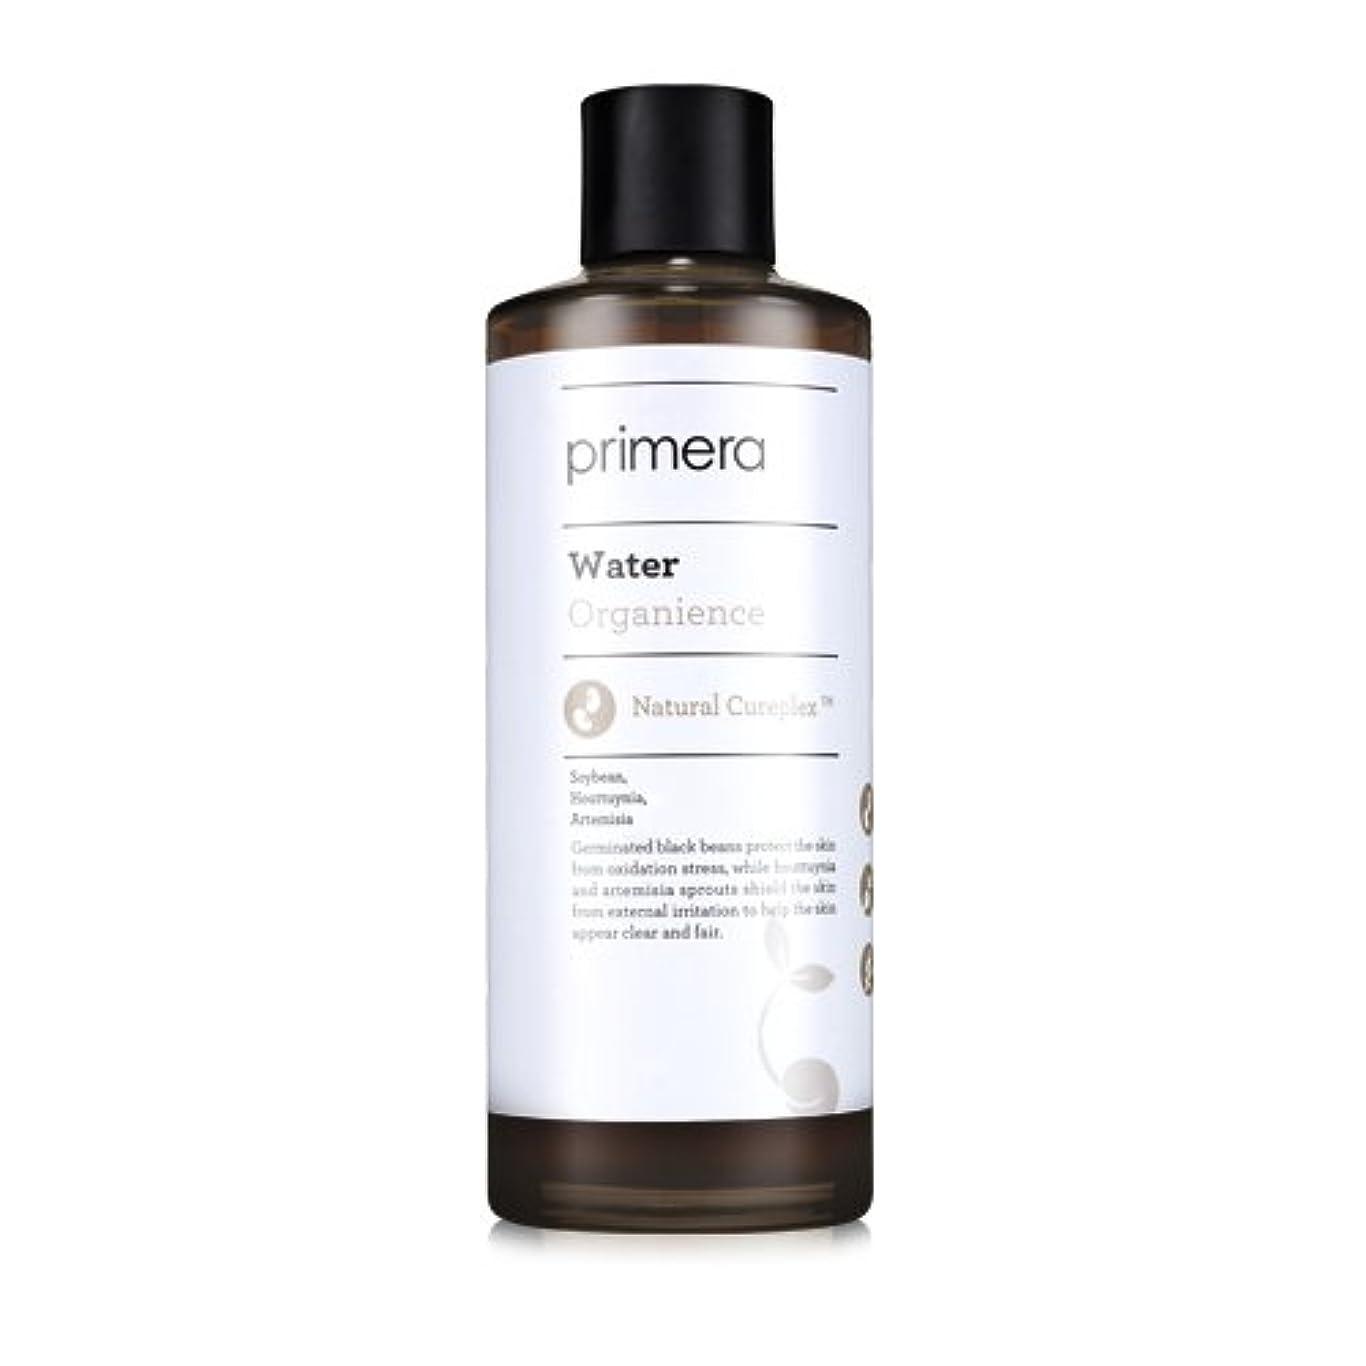 年次推測環境PRIMERA プリメラ オーガニエンス エマルジョン(Organience Emulsion)乳液 150ml